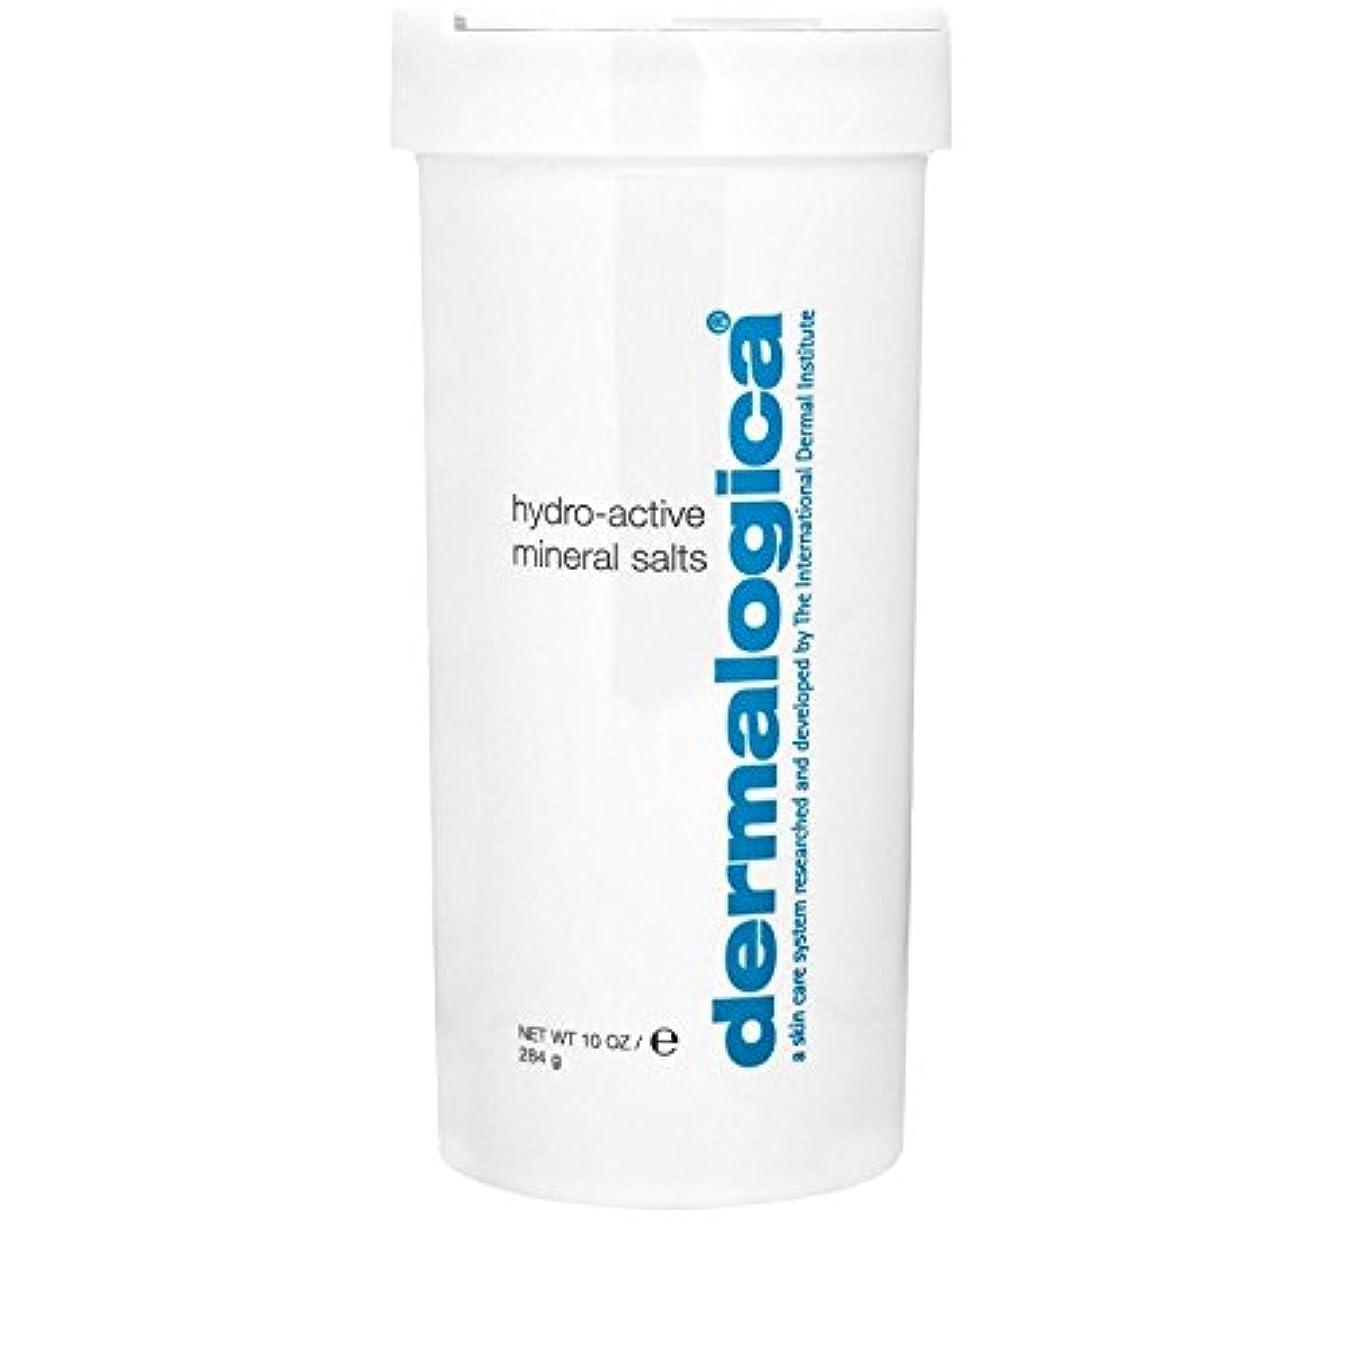 ステレオ静けさオープニングDermalogica Hydro Active Mineral Salt 284g (Pack of 6) - ダーマロジカ水力アクティブミネラル塩284グラム x6 [並行輸入品]